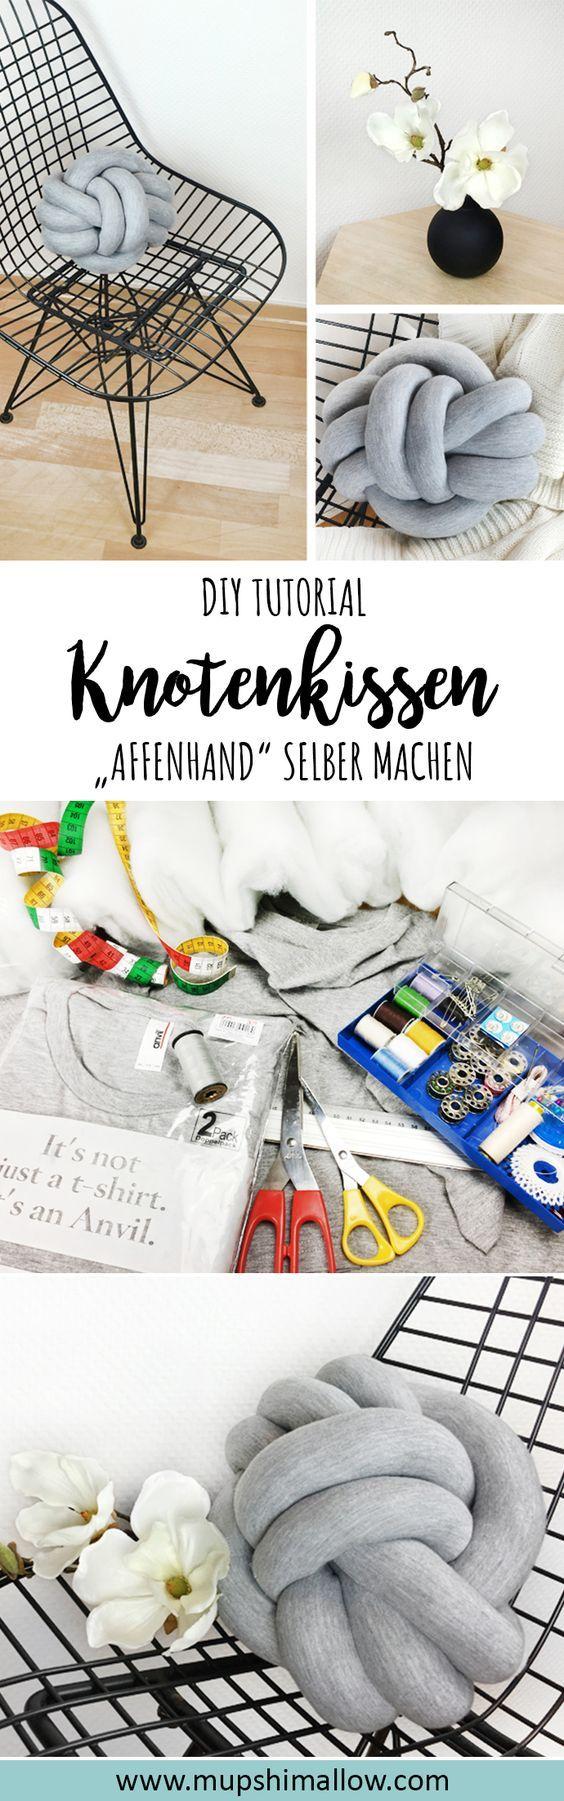 270 besten DIY • Nähen & Stoffe Bilder auf Pinterest | Nähideen ...